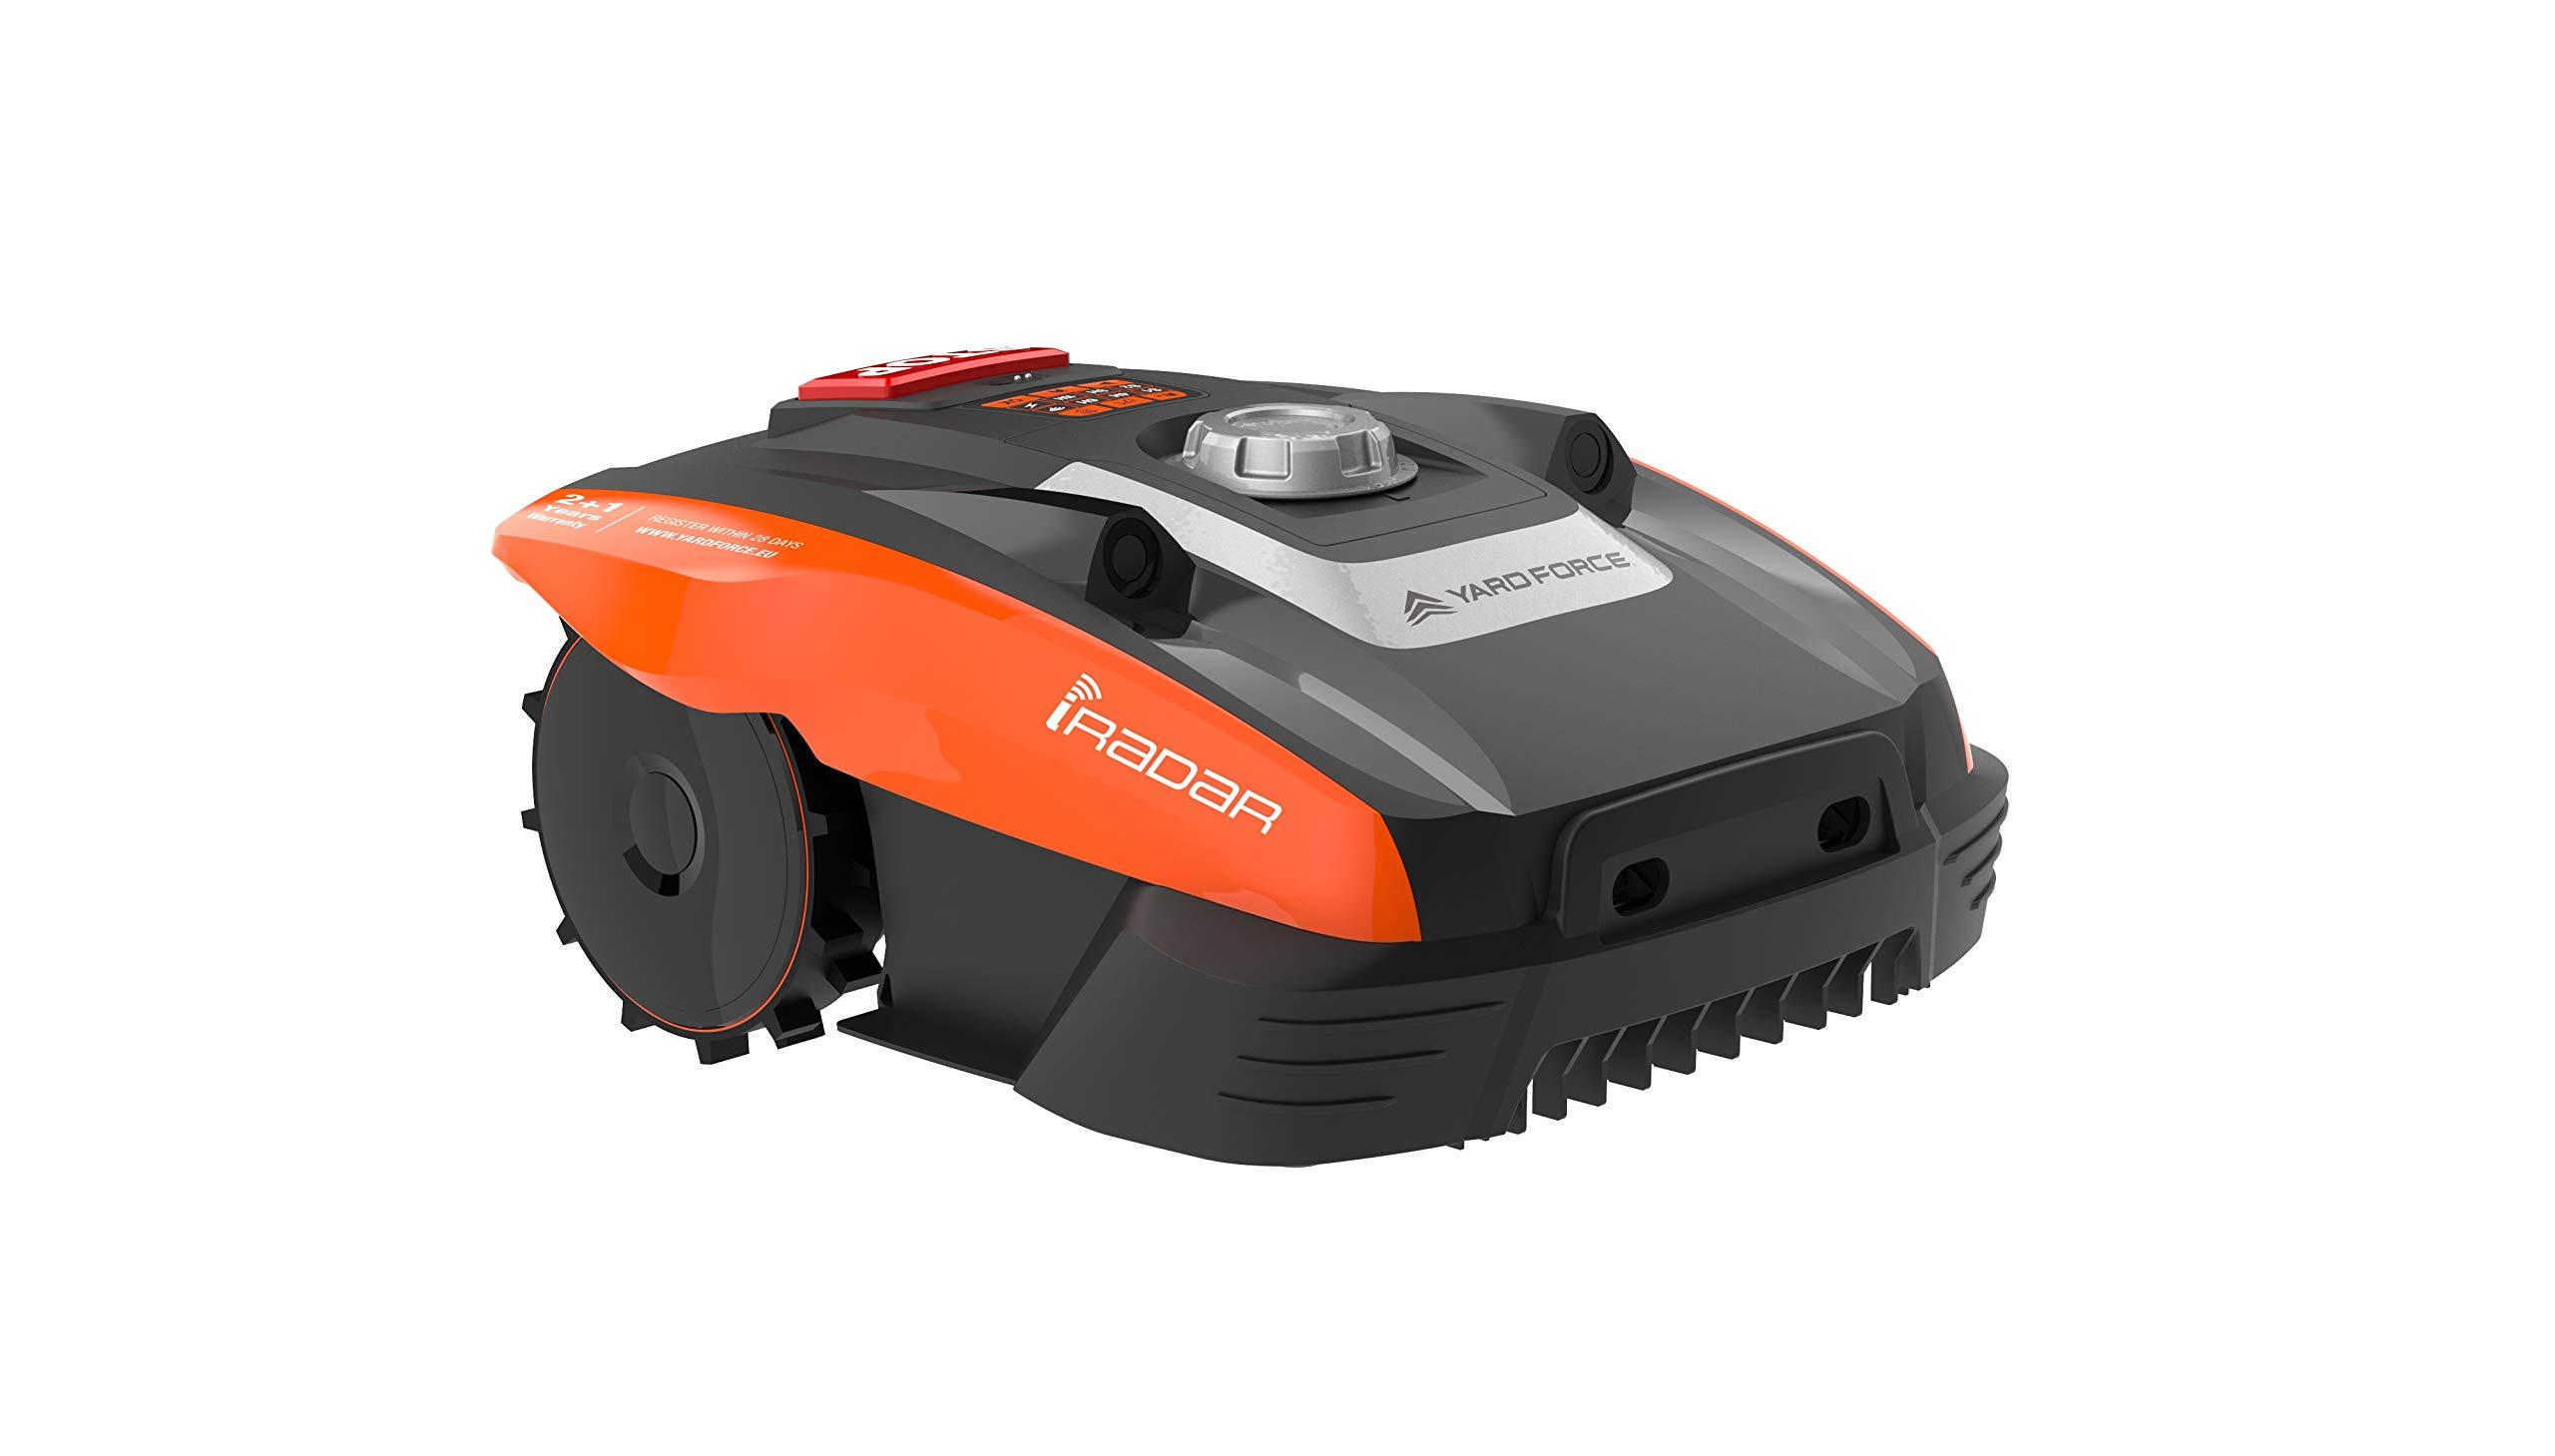 Yard Force Mähroboter Compact 400Ri, mit WLAN, App-Steuerung, iRadar Ultraschallsensor, Rasenkanten-Funktion